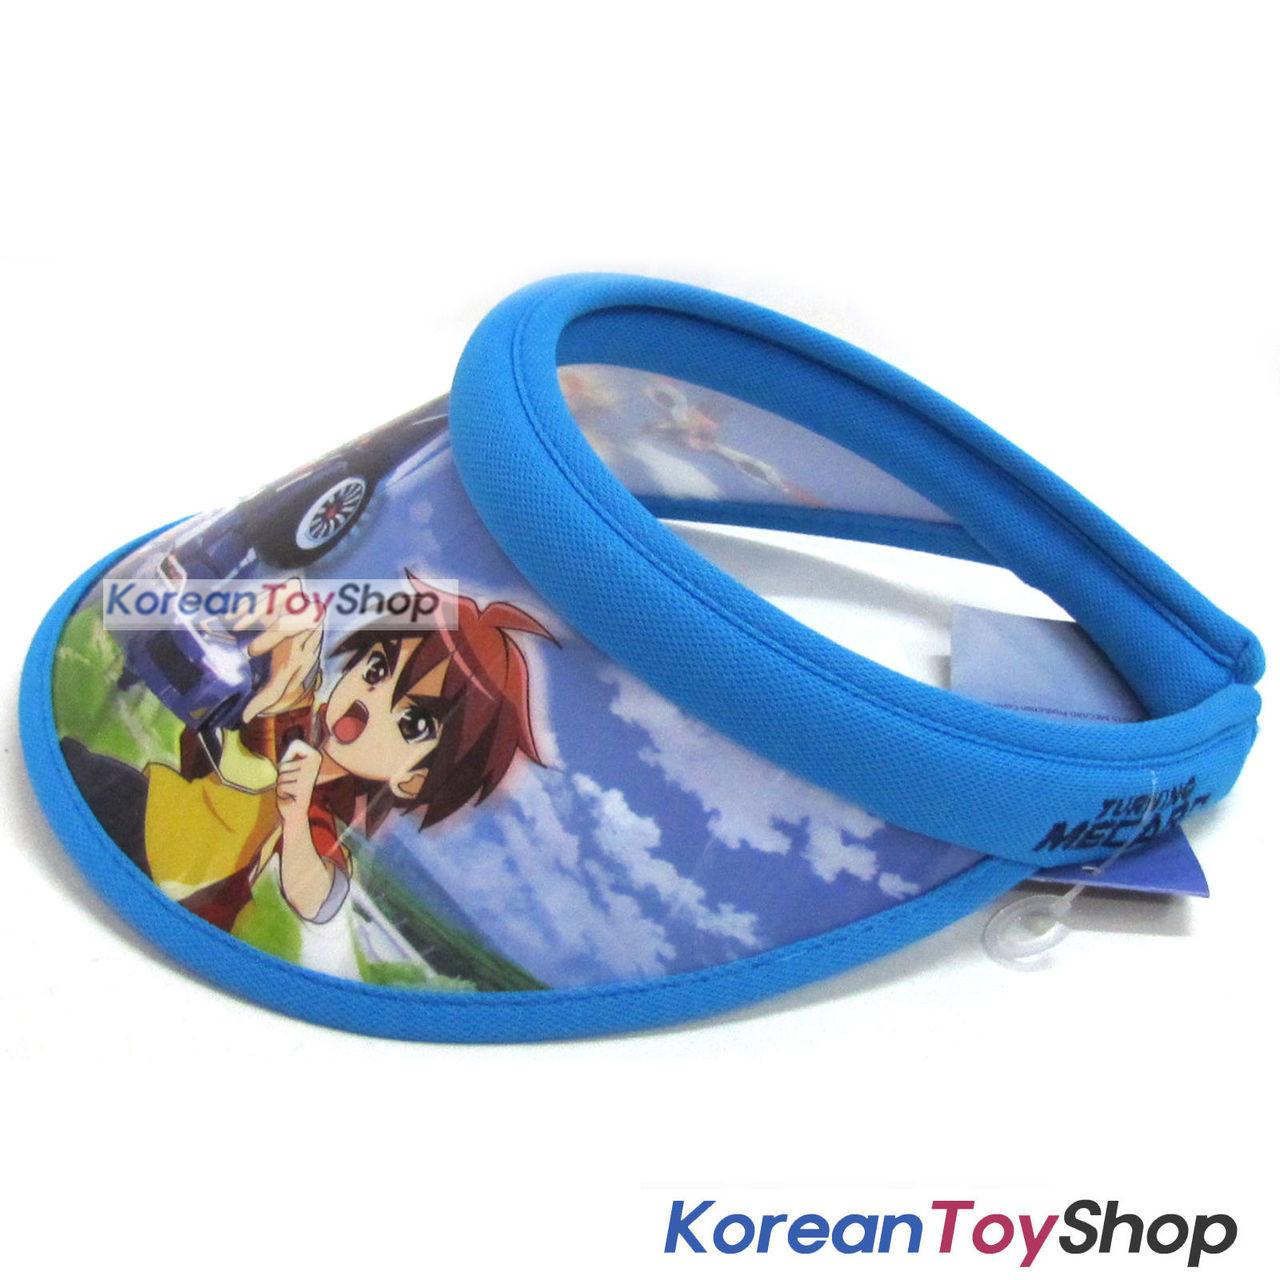 ... Turning Mecard Visor Hat Sun Cap Kids Boy Designed by Korea Evan Blue 38f0f279b4af